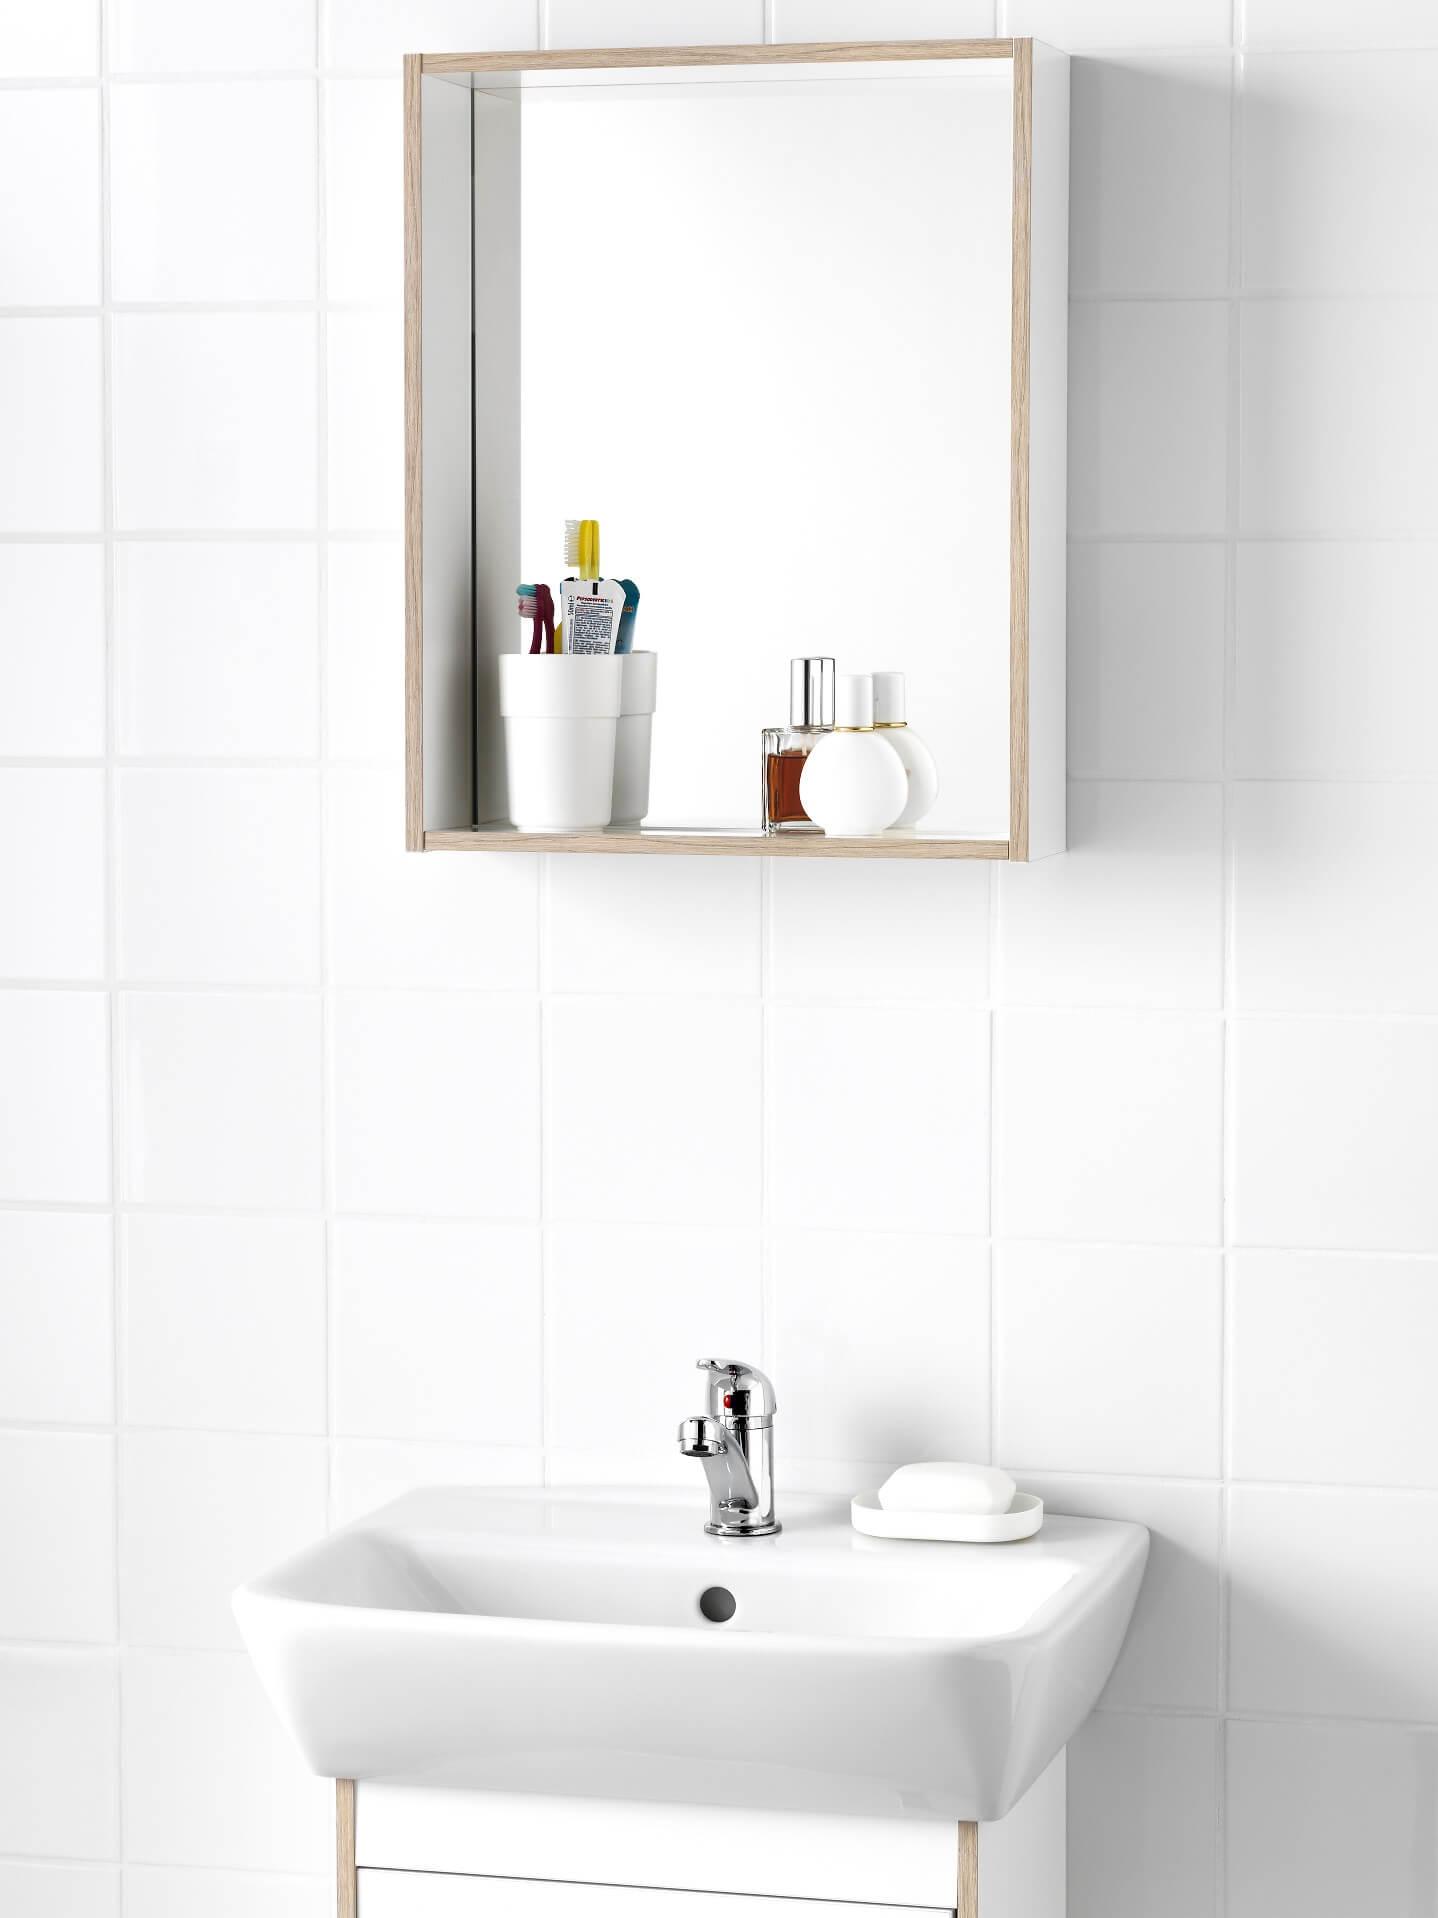 зеркало в ванную комнату от Ikea ванные икеа